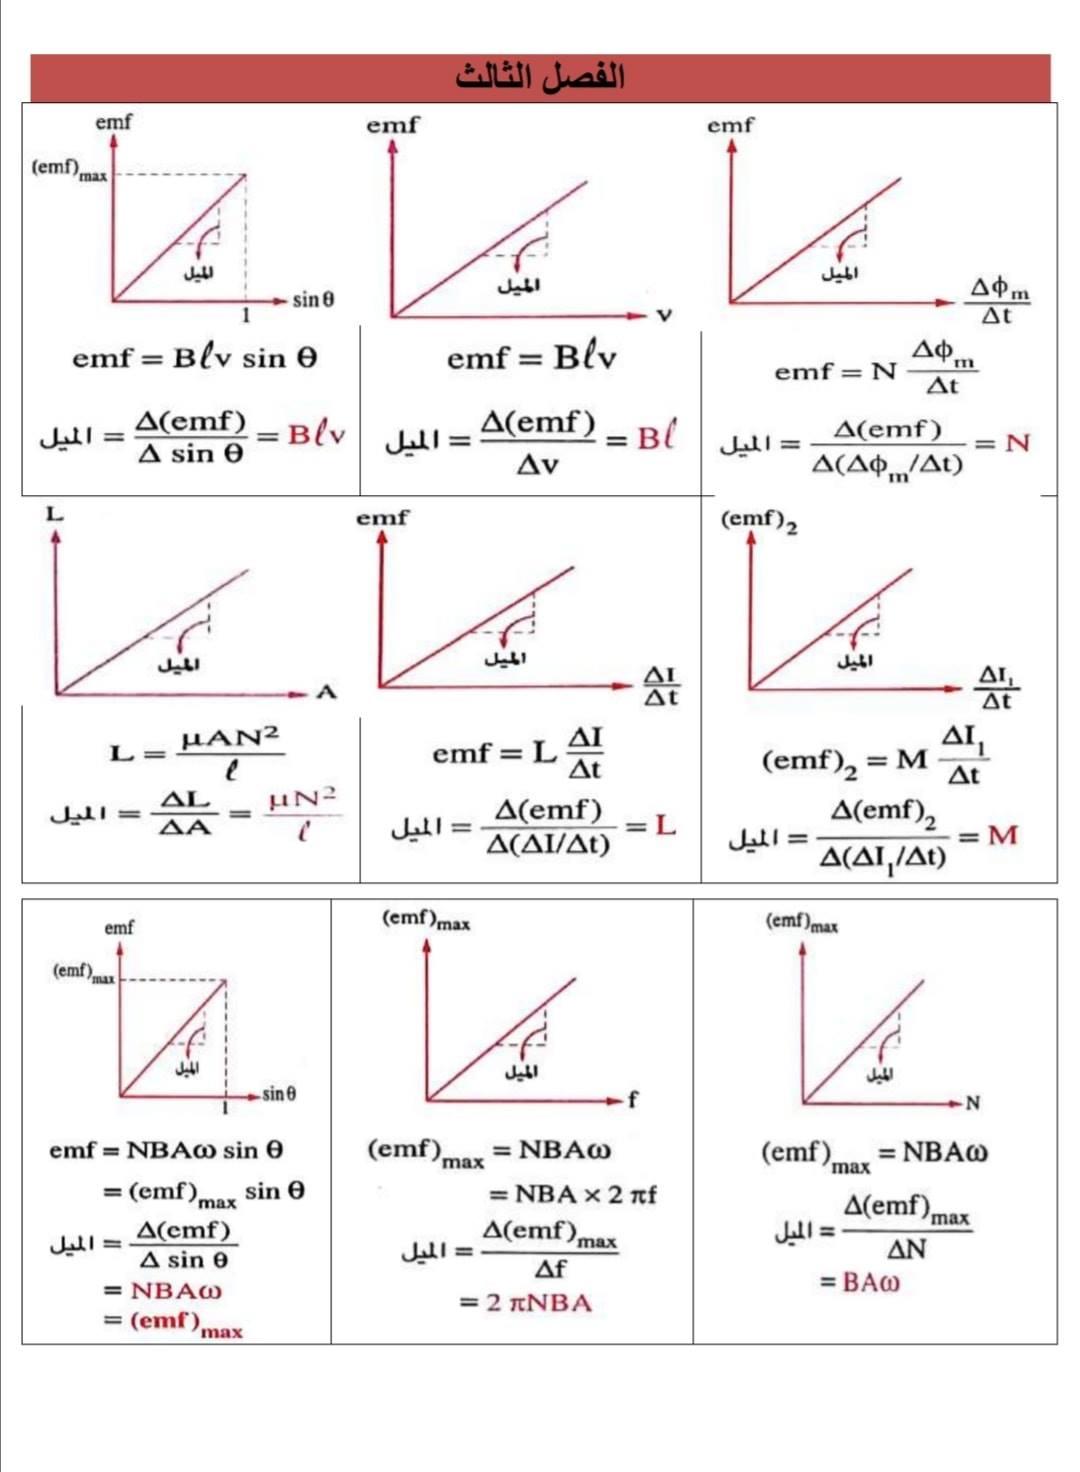 الرسوم البيانية لمنهج الفيزياء للثانوية العامة - صفحة 2 3